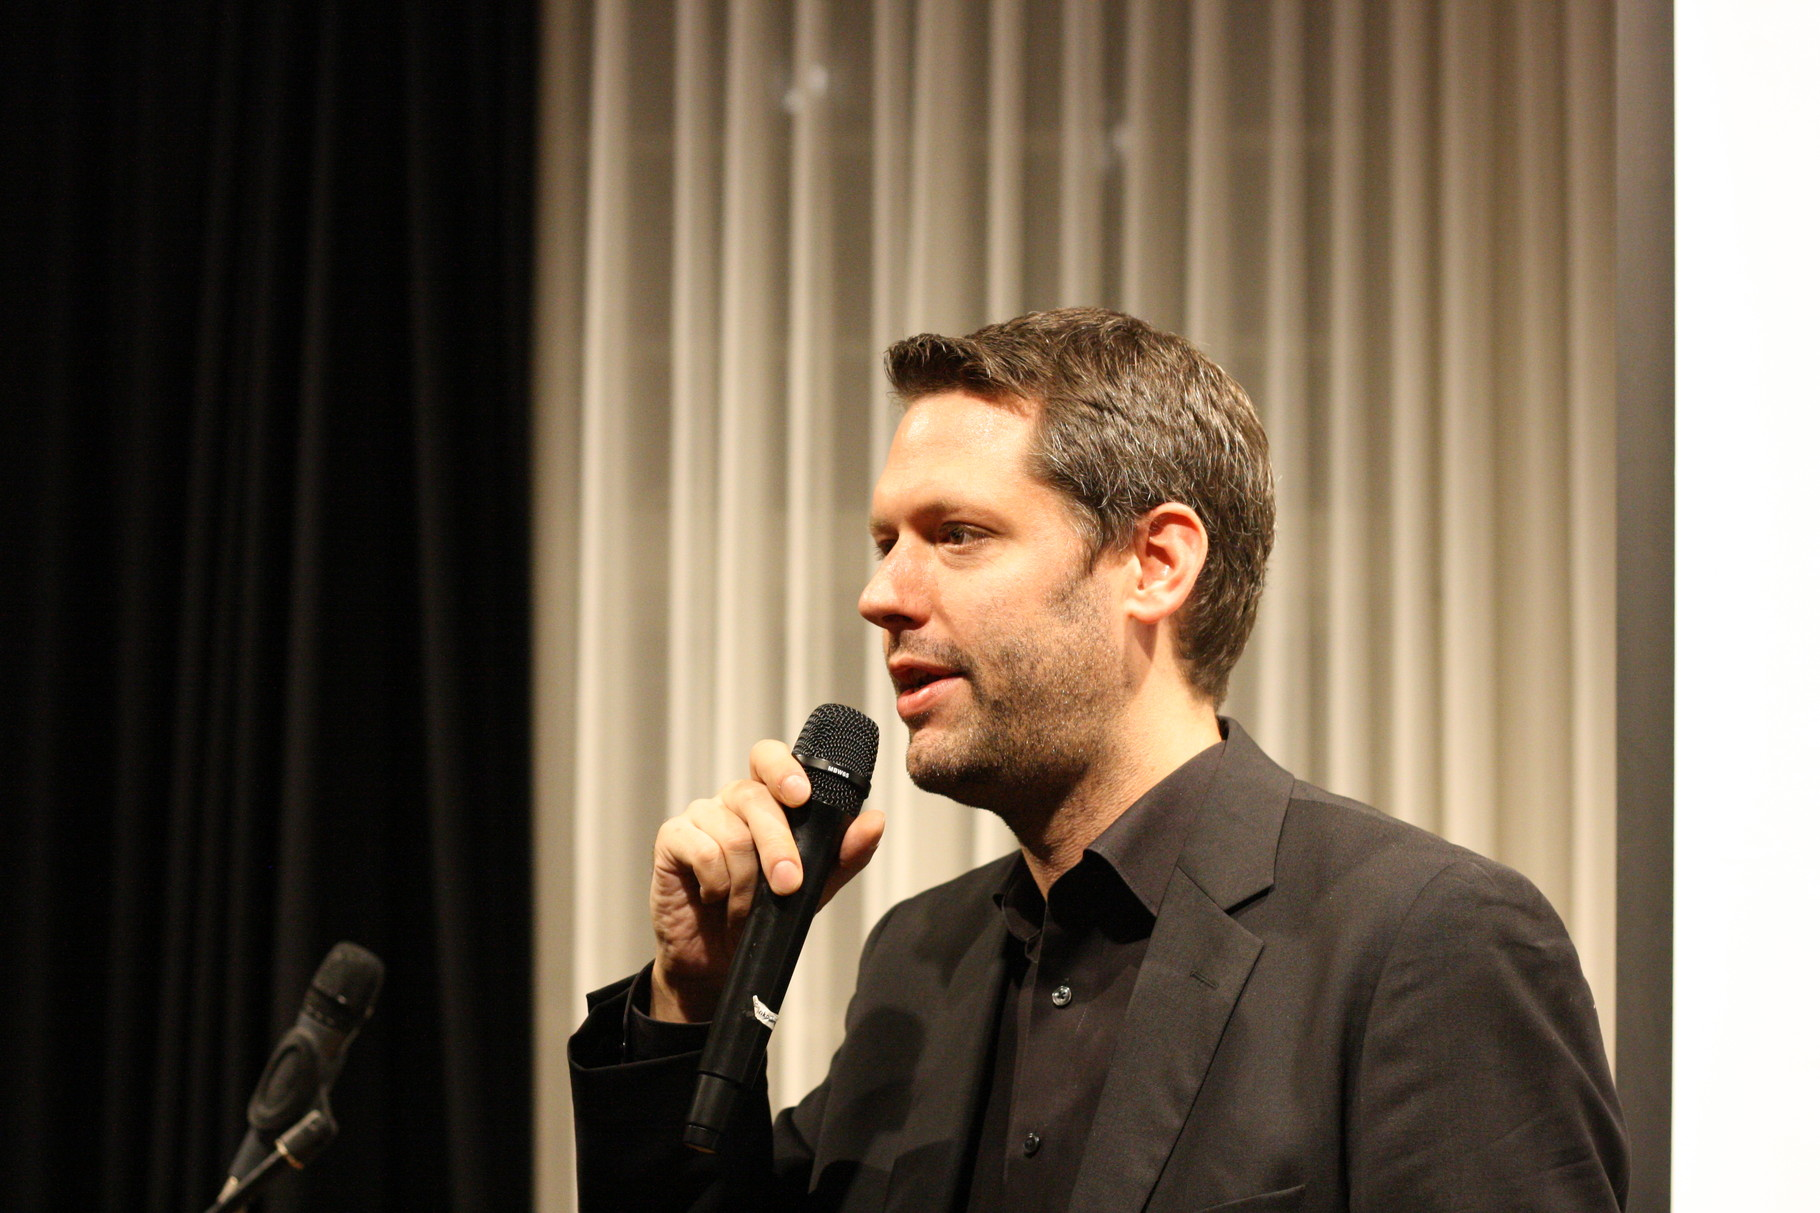 Jan-Eike Hornauer | Moderator des Abends | 2. Vorsitzender